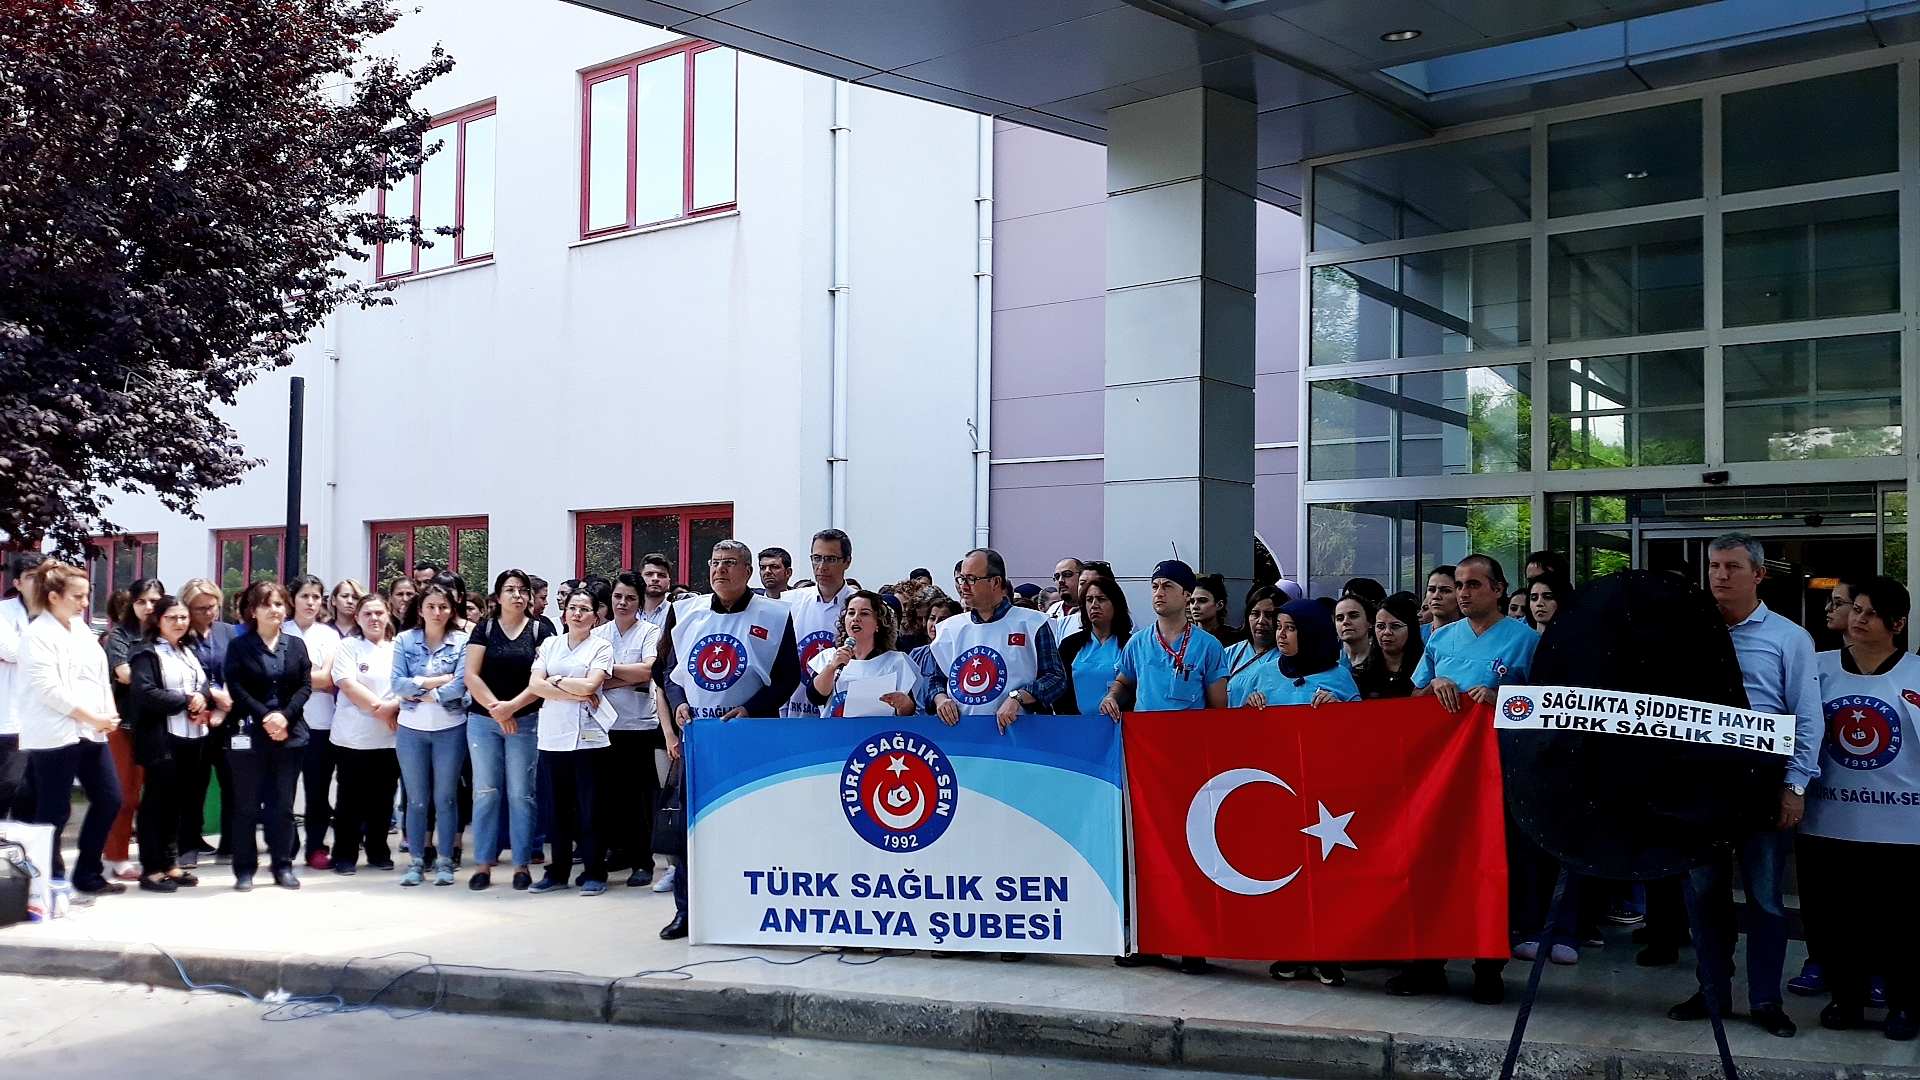 Şağlıkta Şiddet Son Bulsun konulu basın açıklamamız Akdeniz Üniversitesi Hastanesi K Blok girişinde Başkan Yardımcımız Türkan ŞANLI tarafından yapılmıştır. Bize destek veren Akdeniz Üniversitesi Hastanesi çalışanlarına ve basın mensuplarına katılımlarından dolayı teşekkür ederiz.